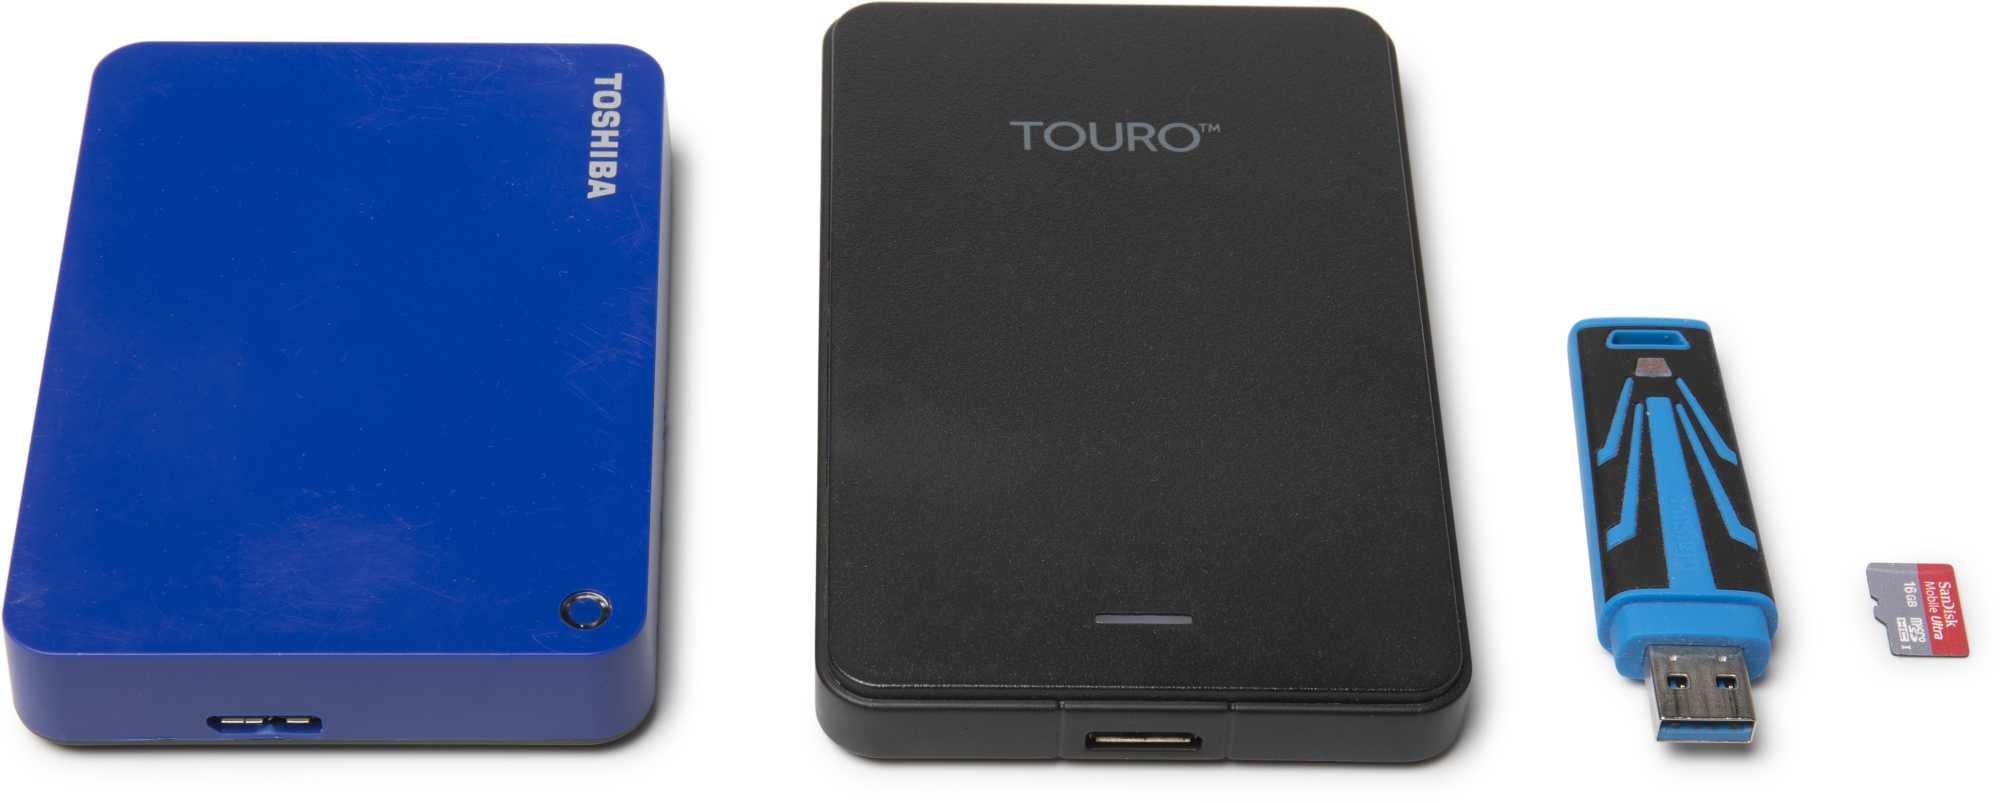 """USB-Festplatten mit mehr als 2 TByte (links) können die USB-Stromversorgung des Raspberry Pi 4 überfordern; besser sind deshalb """"normal dicke"""" (Mitte). USB-Sticks eignen sich nicht besonders gut fürs Raspi-NAS, dann schon eher eine besonders """"große"""" MicroSD-Karte."""